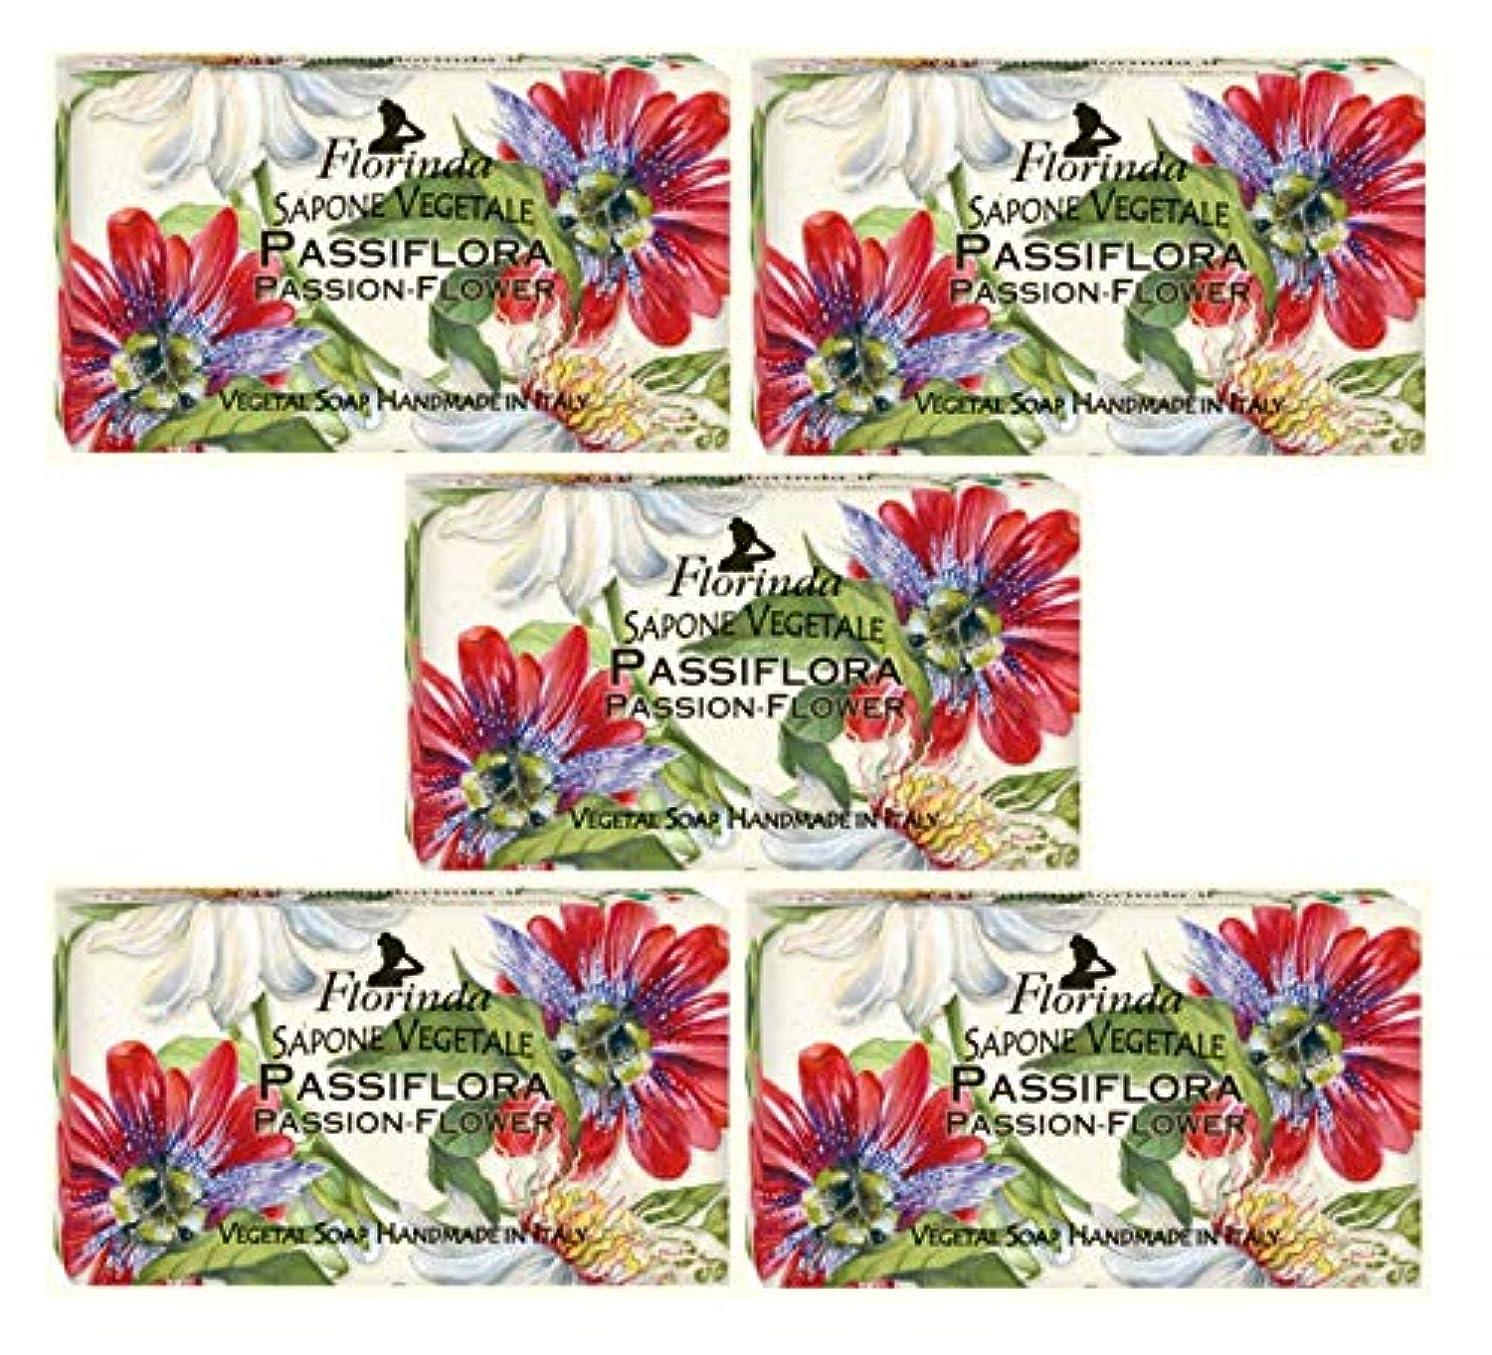 チャップまたはどちらかに負けるフロリンダ フレグランスソープ 固形石けん 花の香り パッションフラワー 95g×5個セット